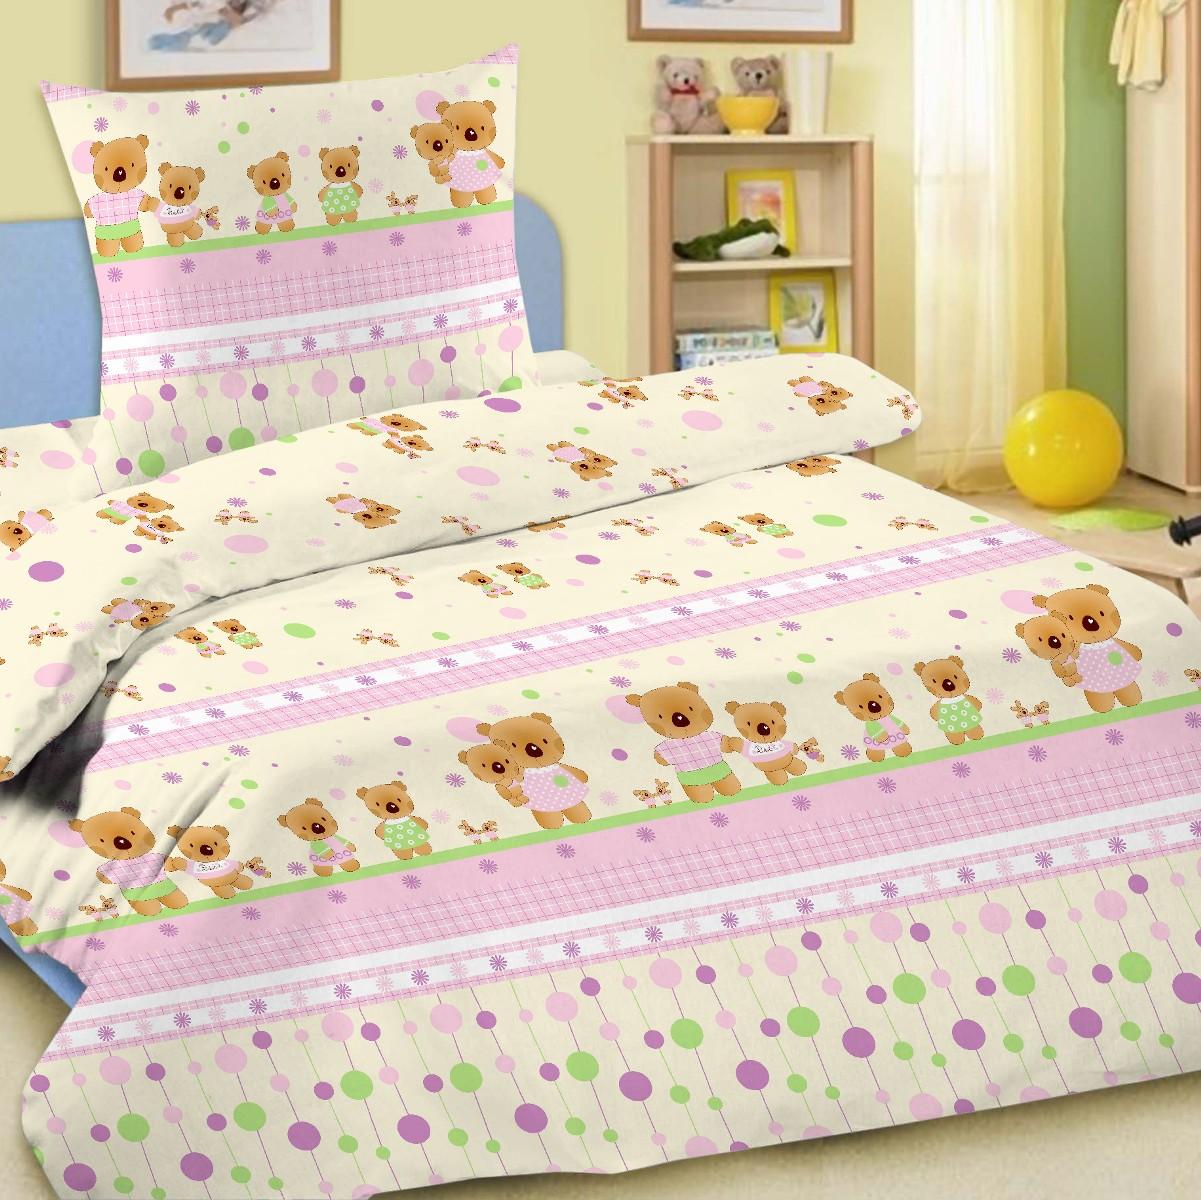 Letto Комплект белья для новорожденных Ясли простыня на резинке цвет розовый BGR-14